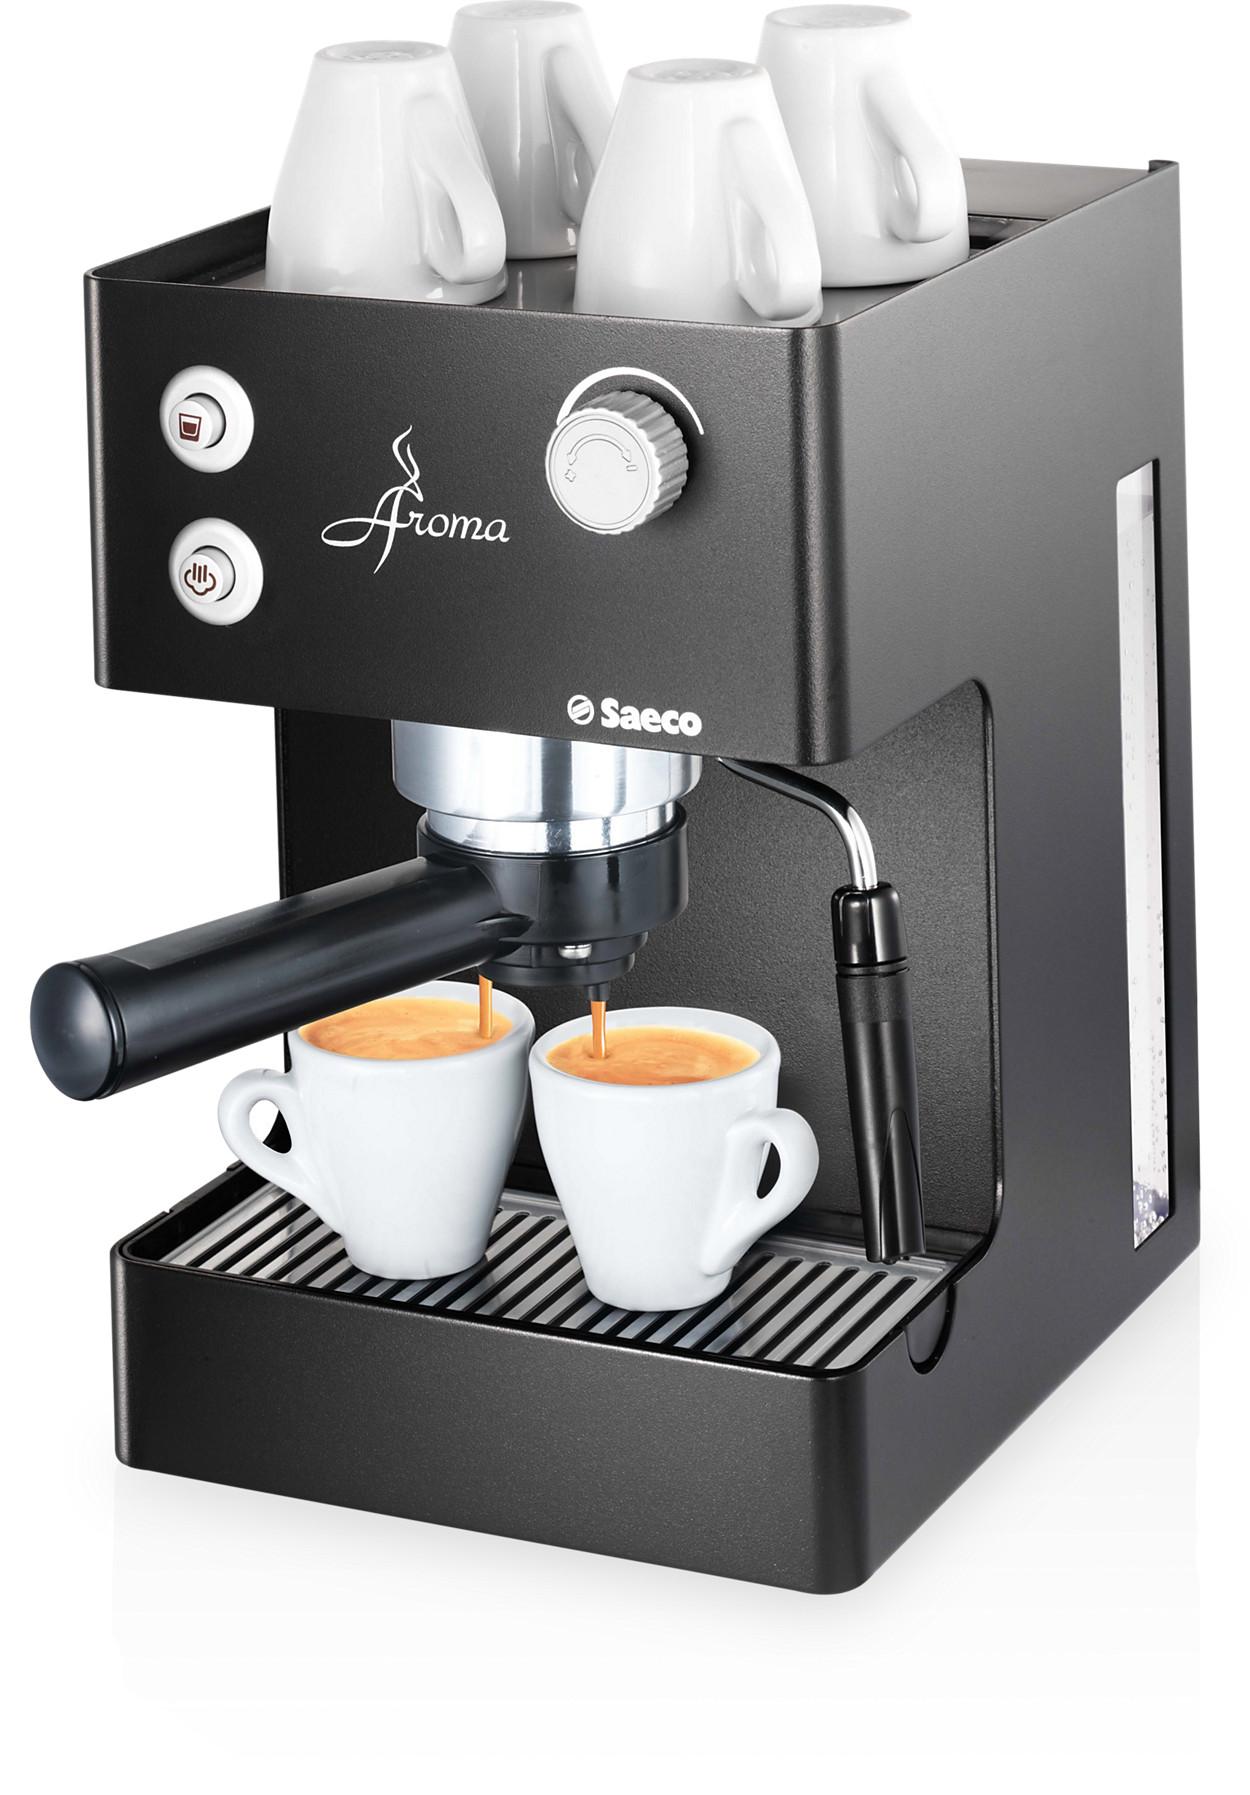 Buy the saeco aroma manual espresso machine ri9373 47 - Cafetiere a grain saeco ...